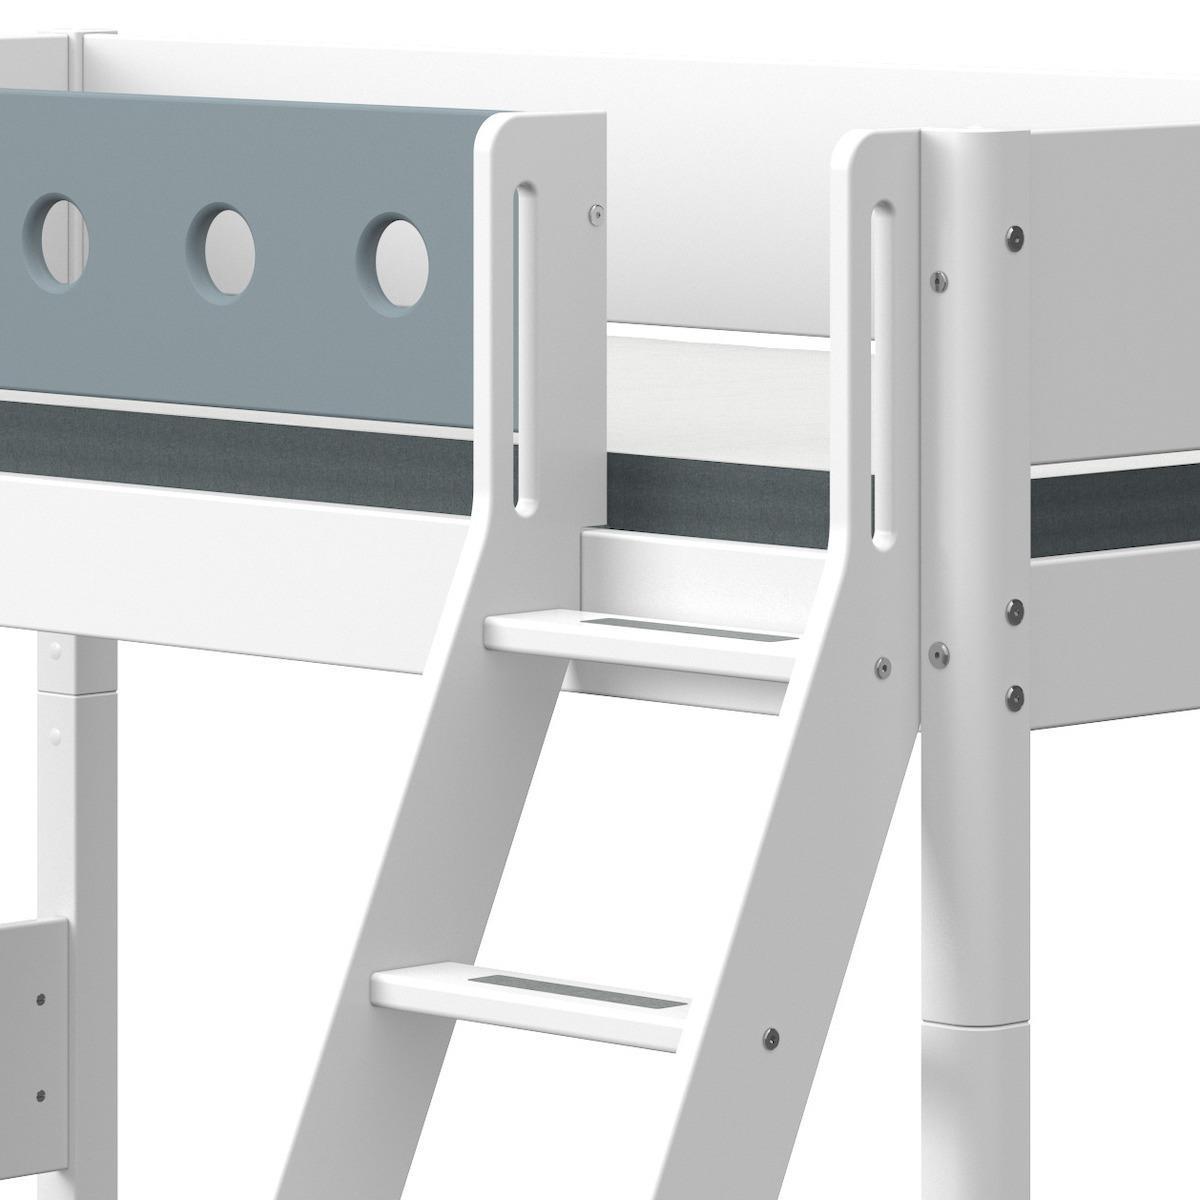 Lit surélevé 90x190cm échelle inclinée WHITE Flexa blanc-light blue